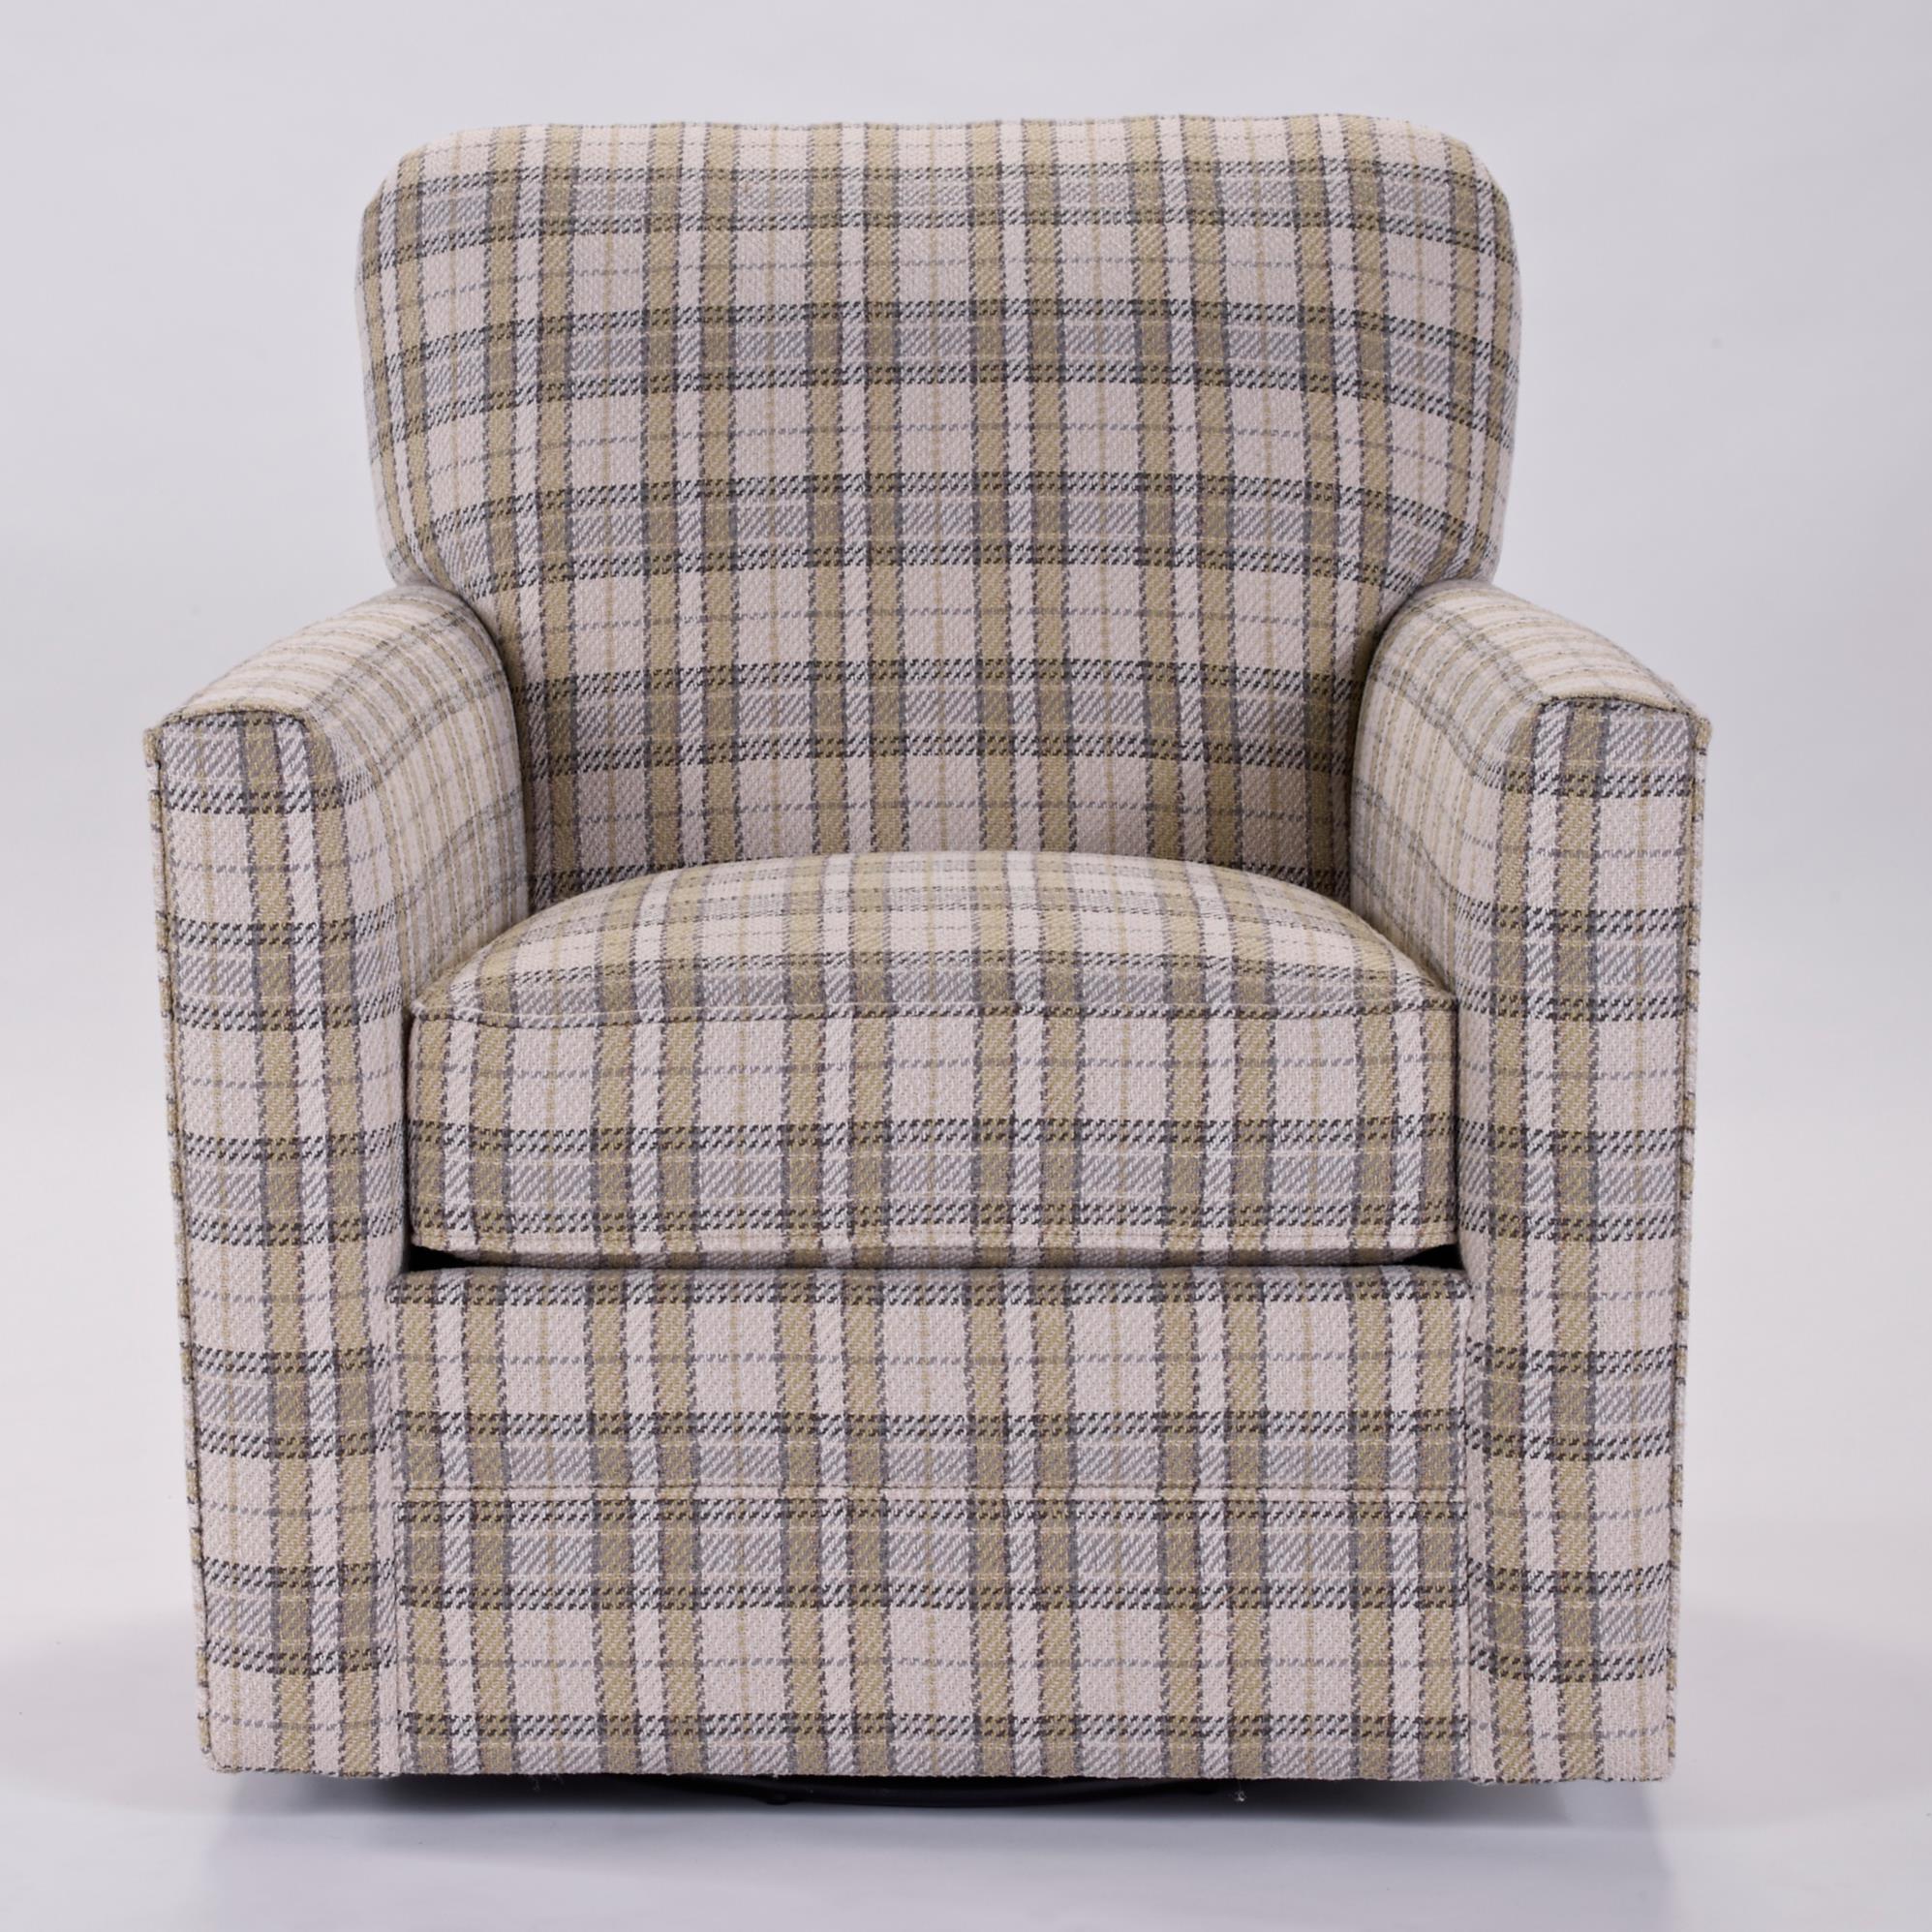 Broyhill Furniture BecksSwivel Chair